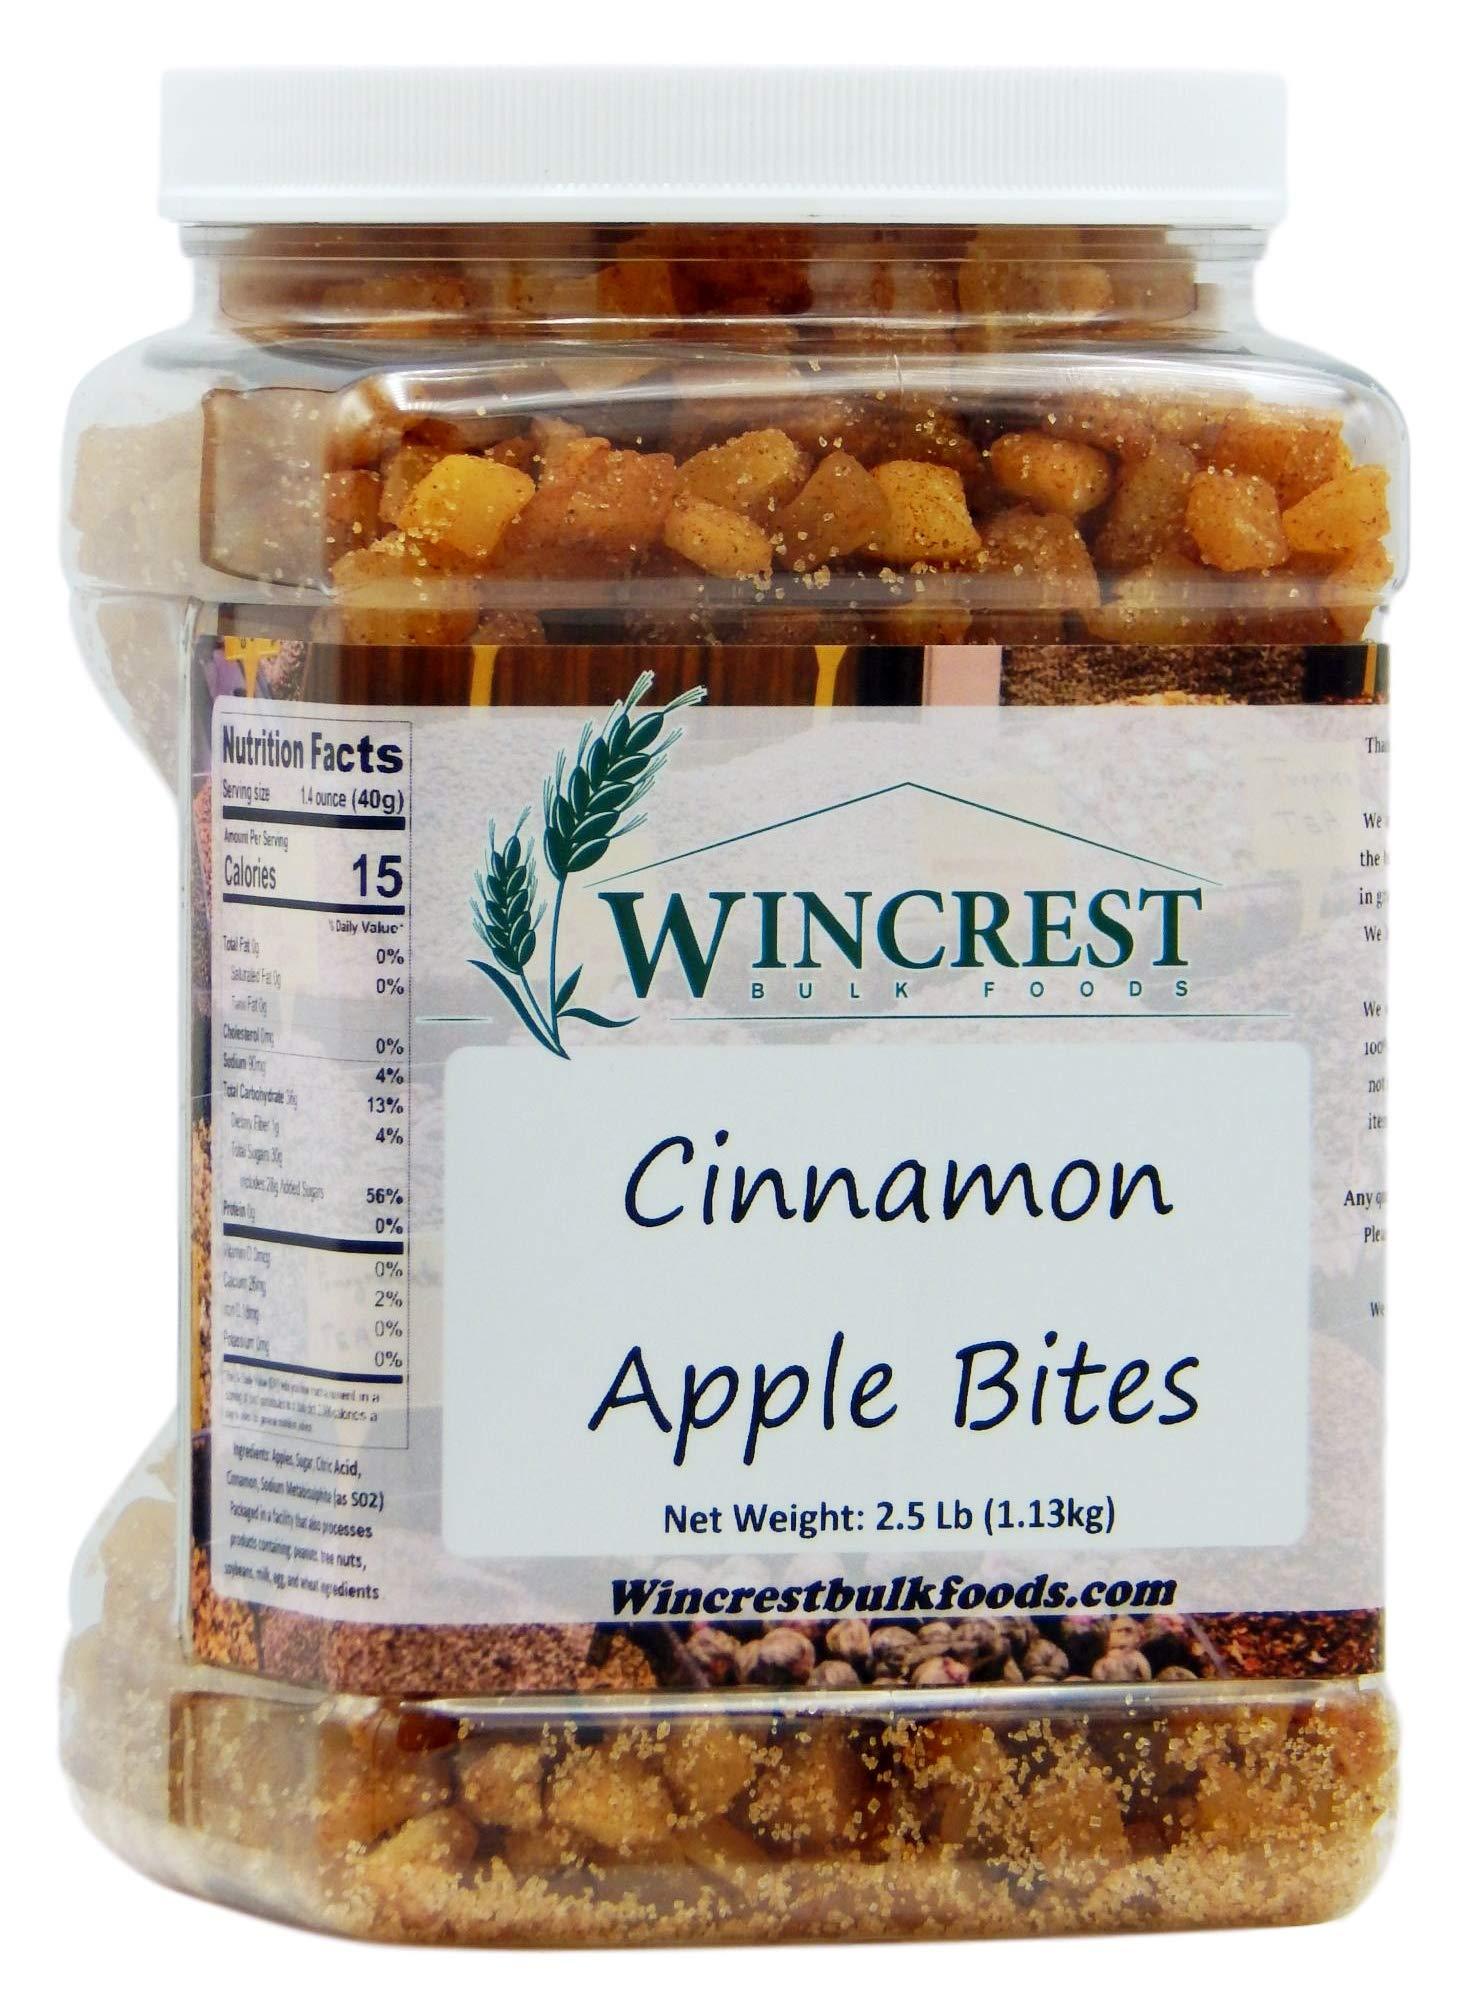 Dried Cinnamon Apple Bites - 2.5 Lb (1.13kg) Tub